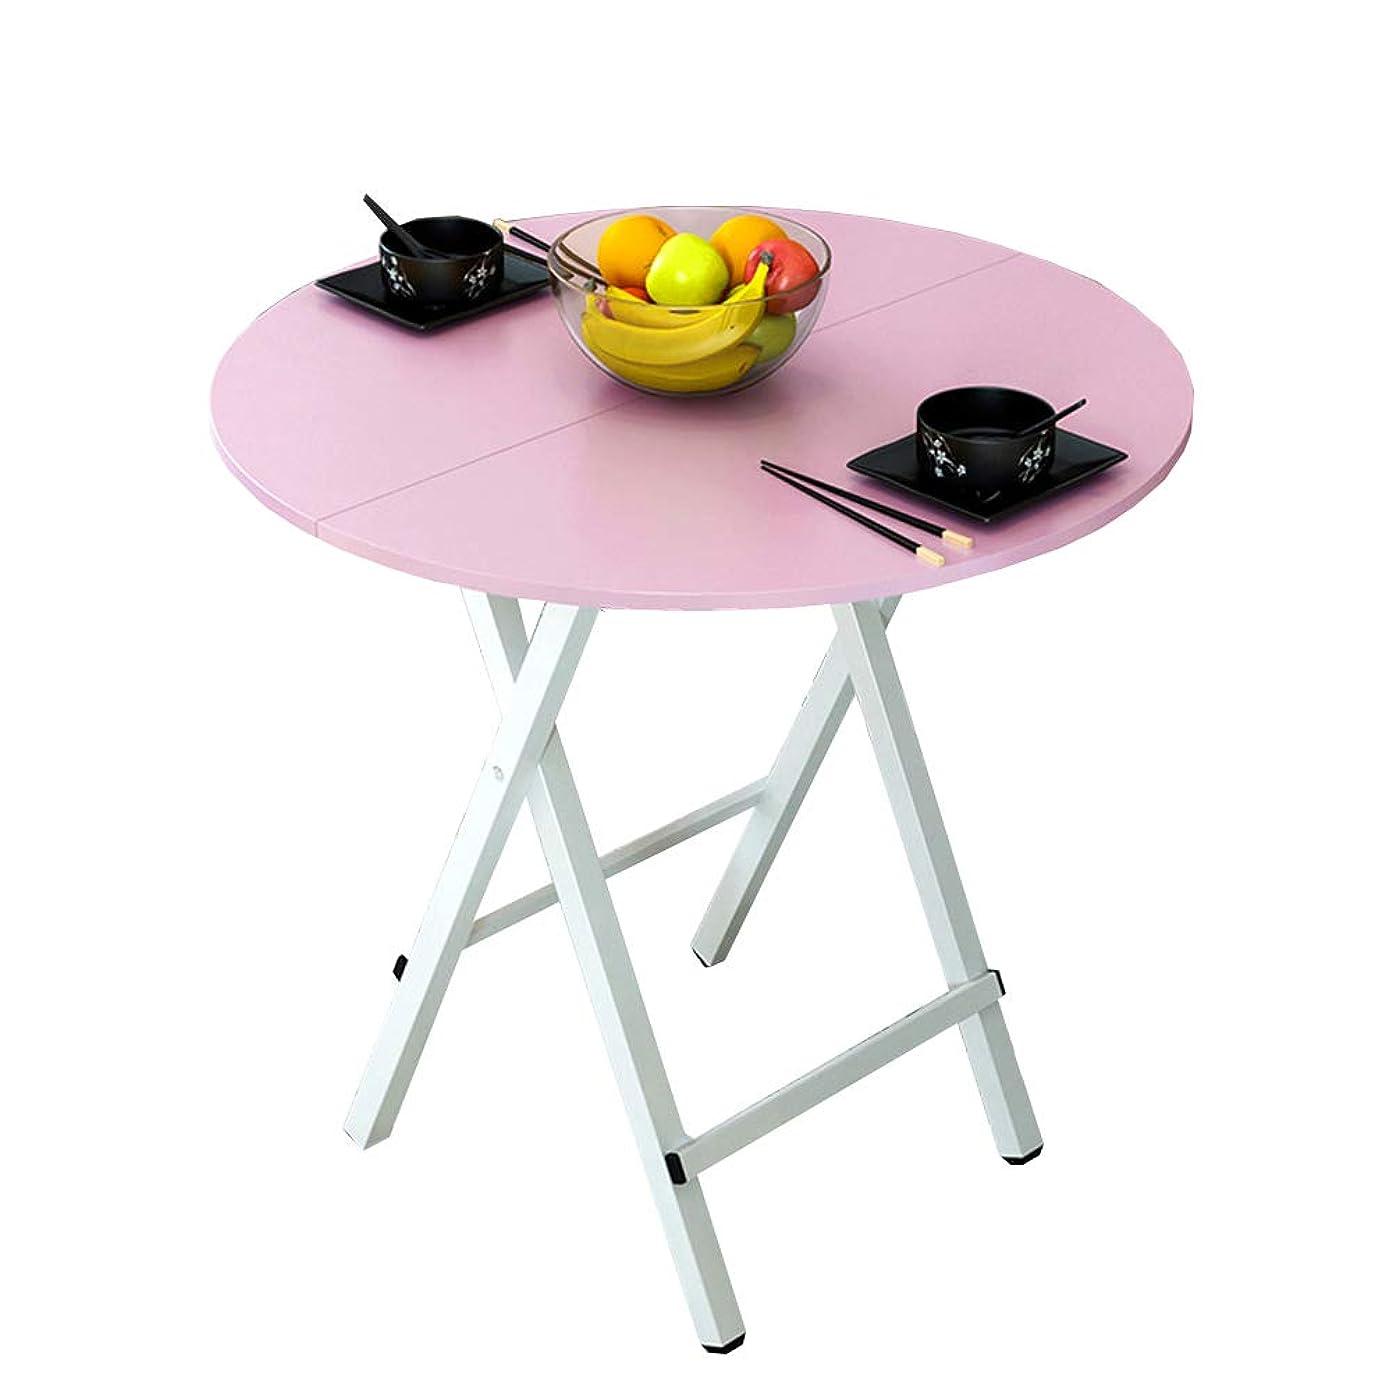 英語の授業があります親密な分配しますJTWJ 折り畳みテーブルポータブルダイニングテーブル小さなアパートシンプルなラウンドテーブルホームシンプルなテーブル食卓の折り畳み (色 : ピンク, サイズ さいず : 80*75cm)